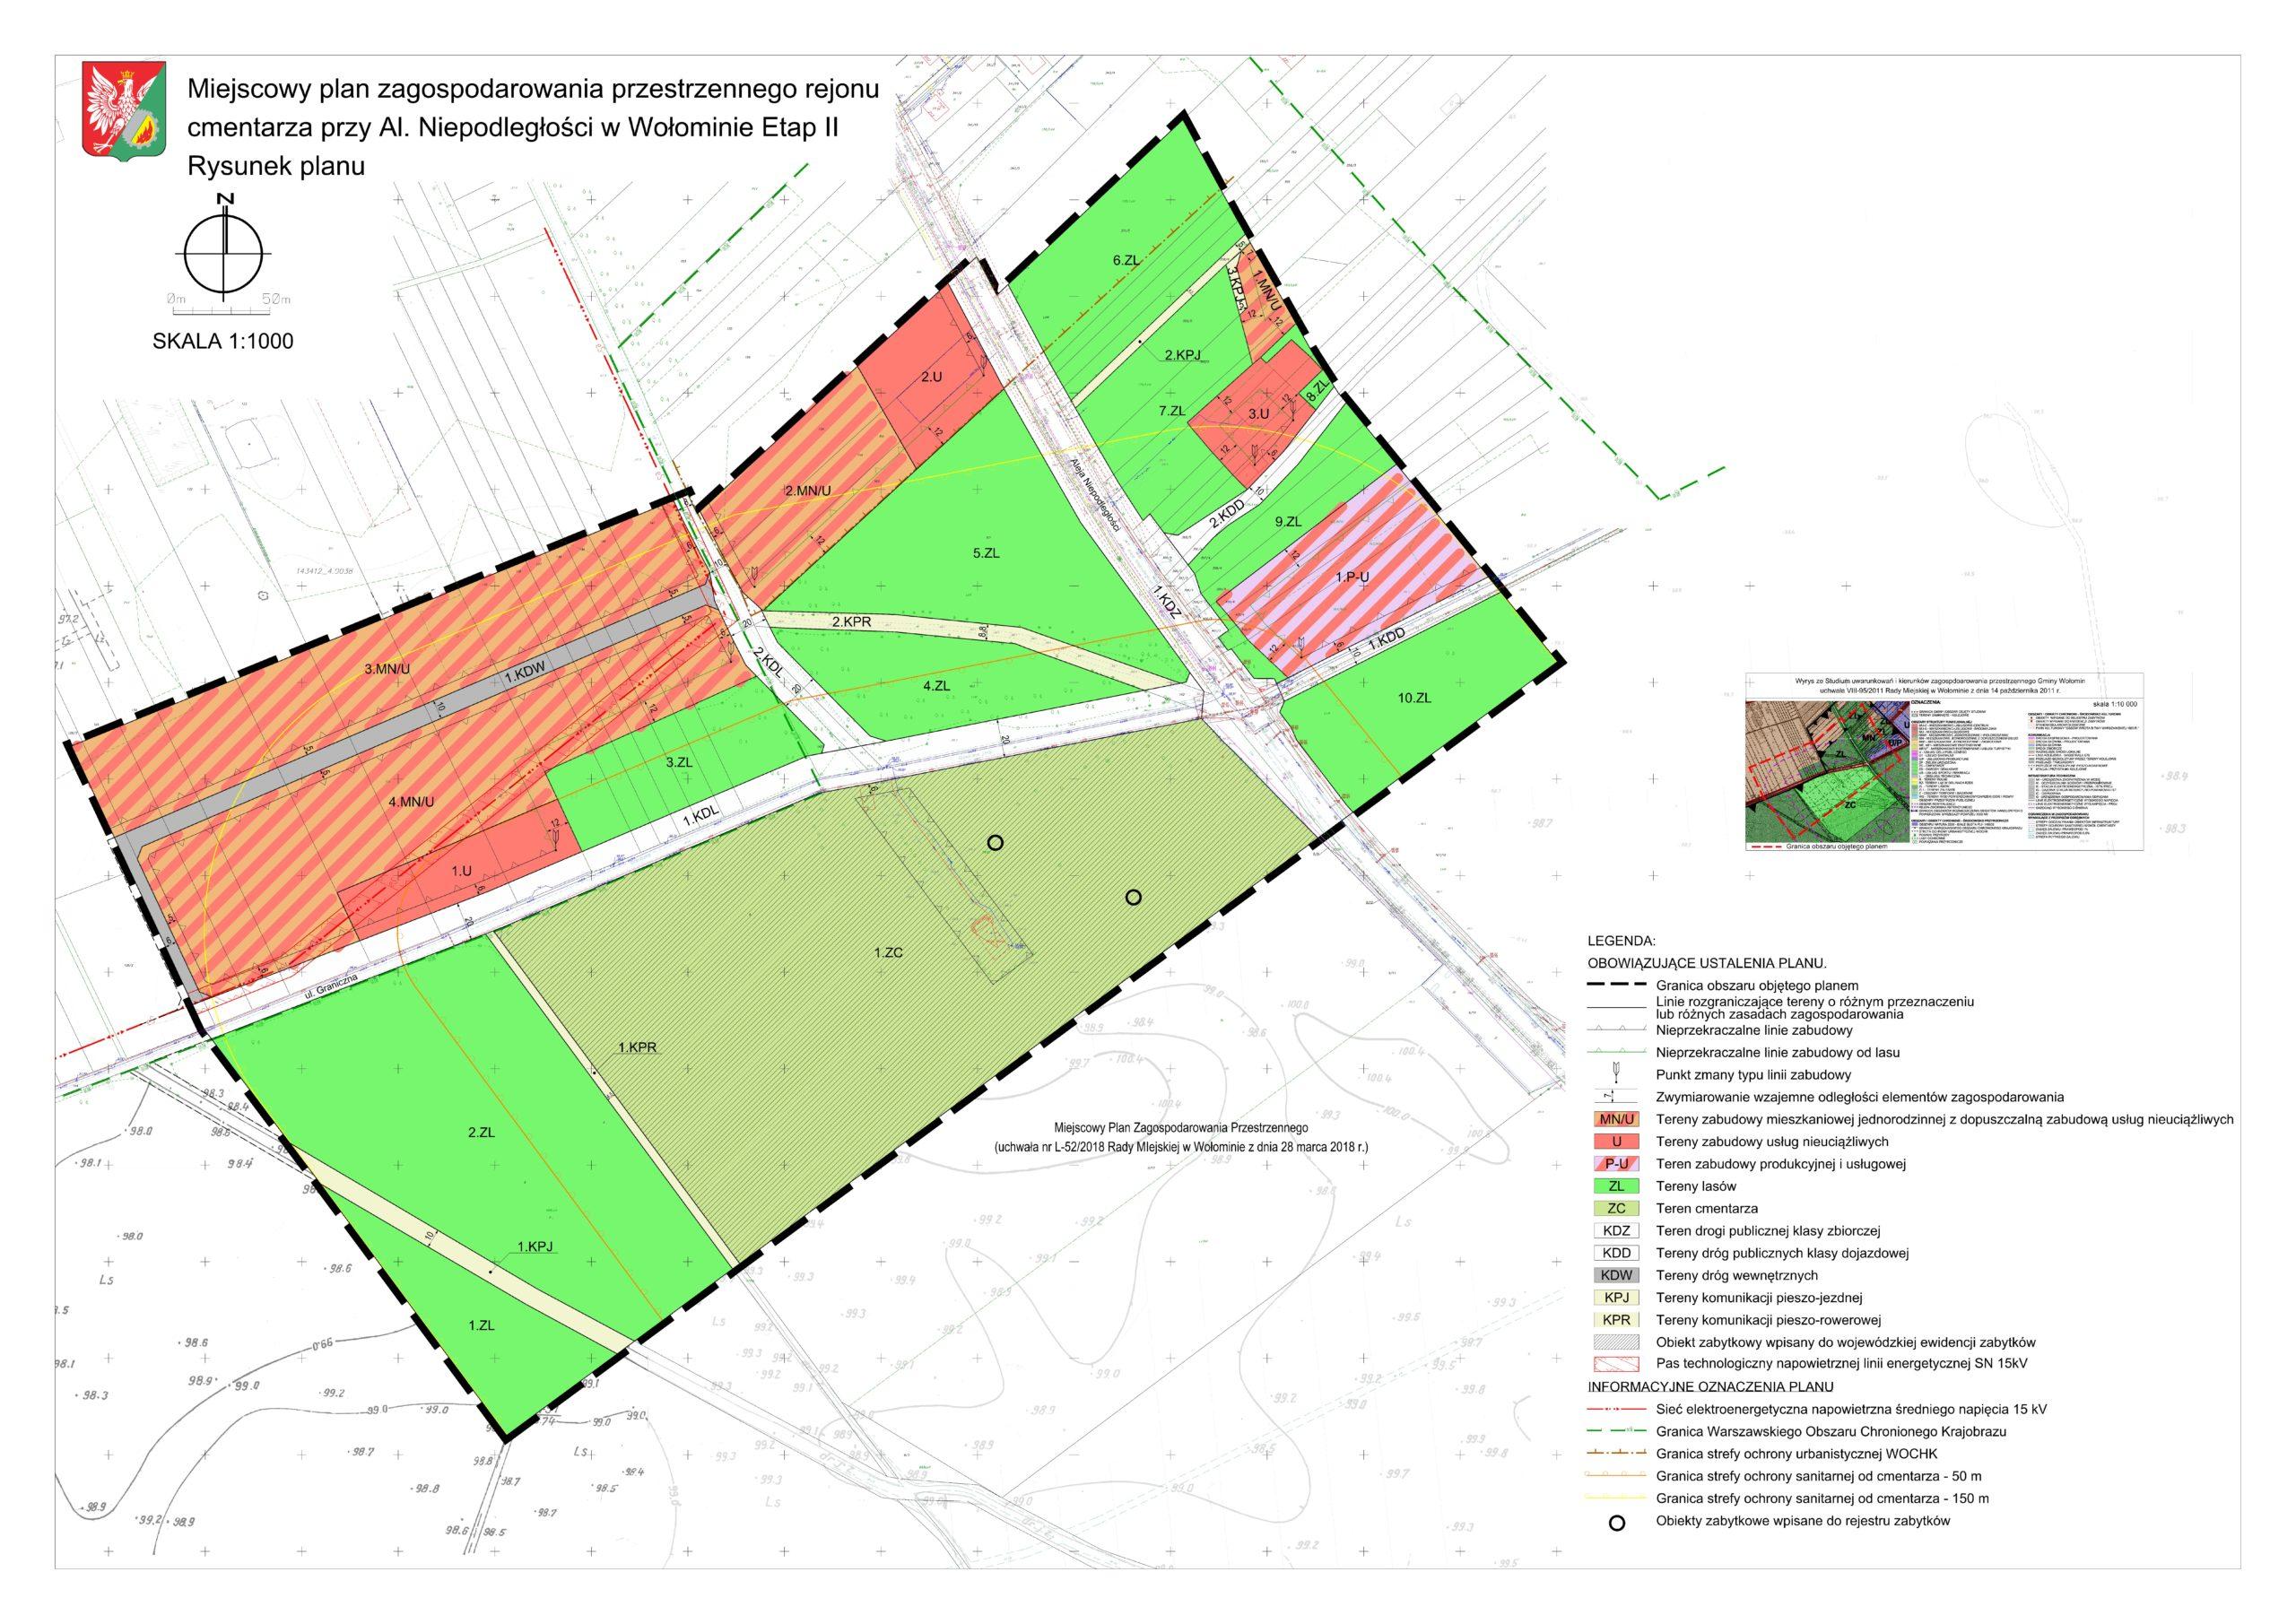 Zapoznaj się z projektem miejscowego planu zagospodarowania przestrzennego rejonu  cmentarza przy Al. Niepodległości w Wołominie etap II wraz z prognozą oddziaływania na środowisko